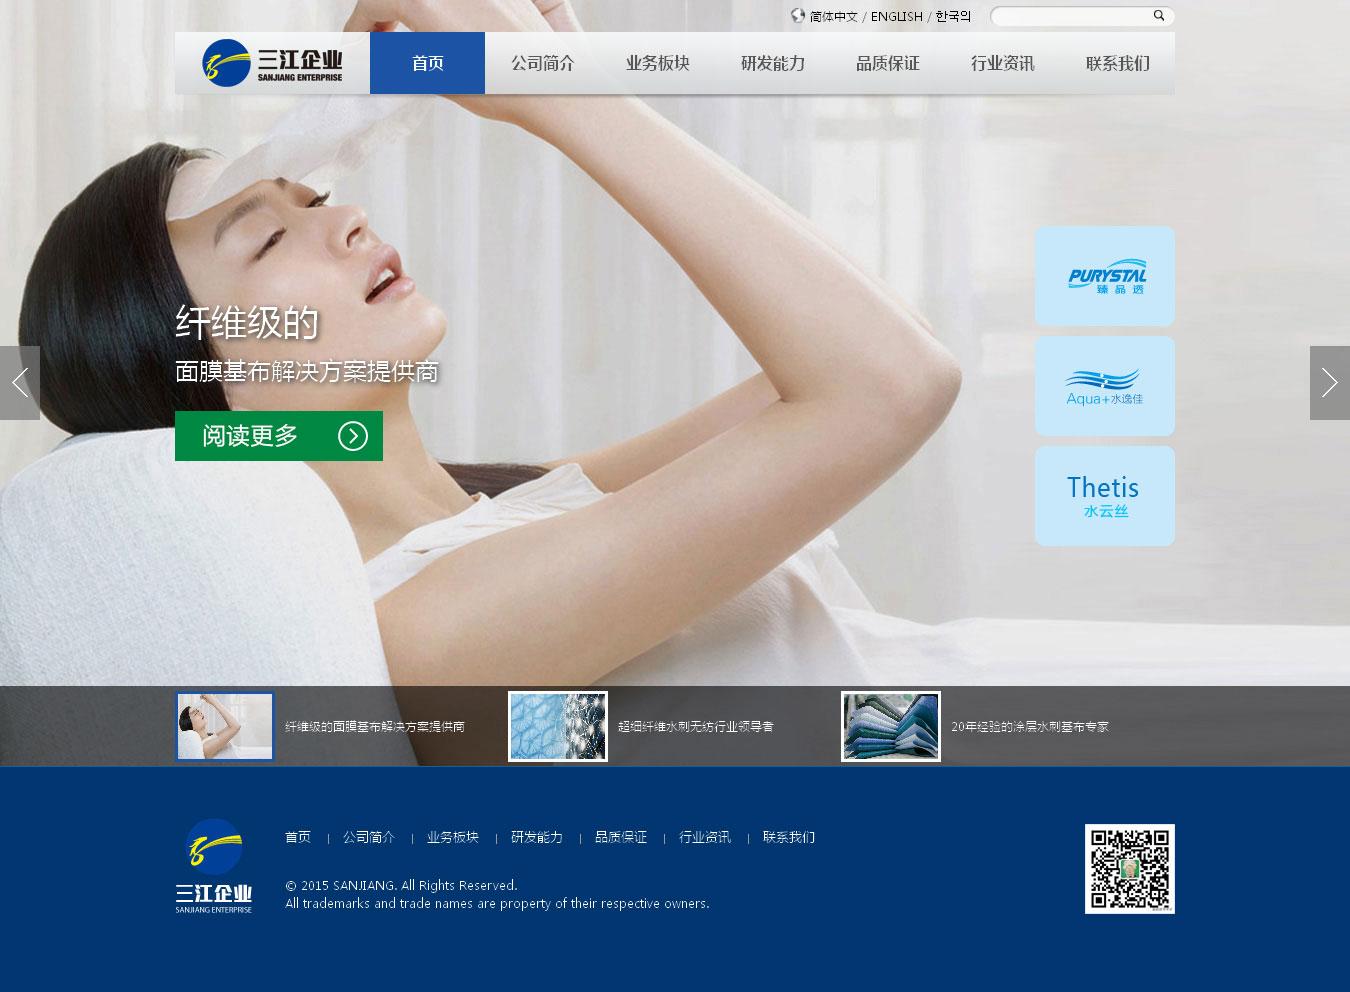 三江企业集团网页设计